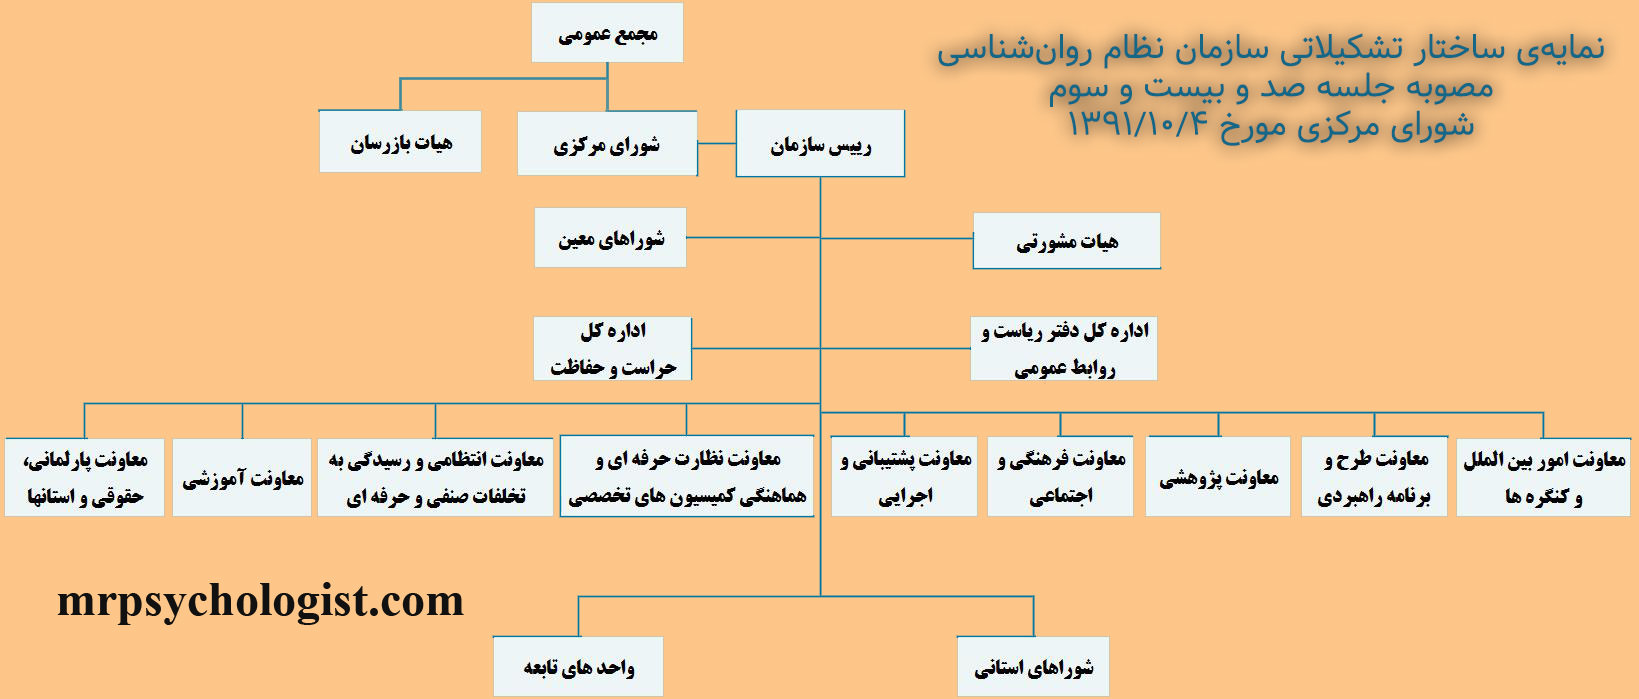 نمایهی ساختار تشکیلاتی سازمان نظام روانشناسی و مشاوره ایران